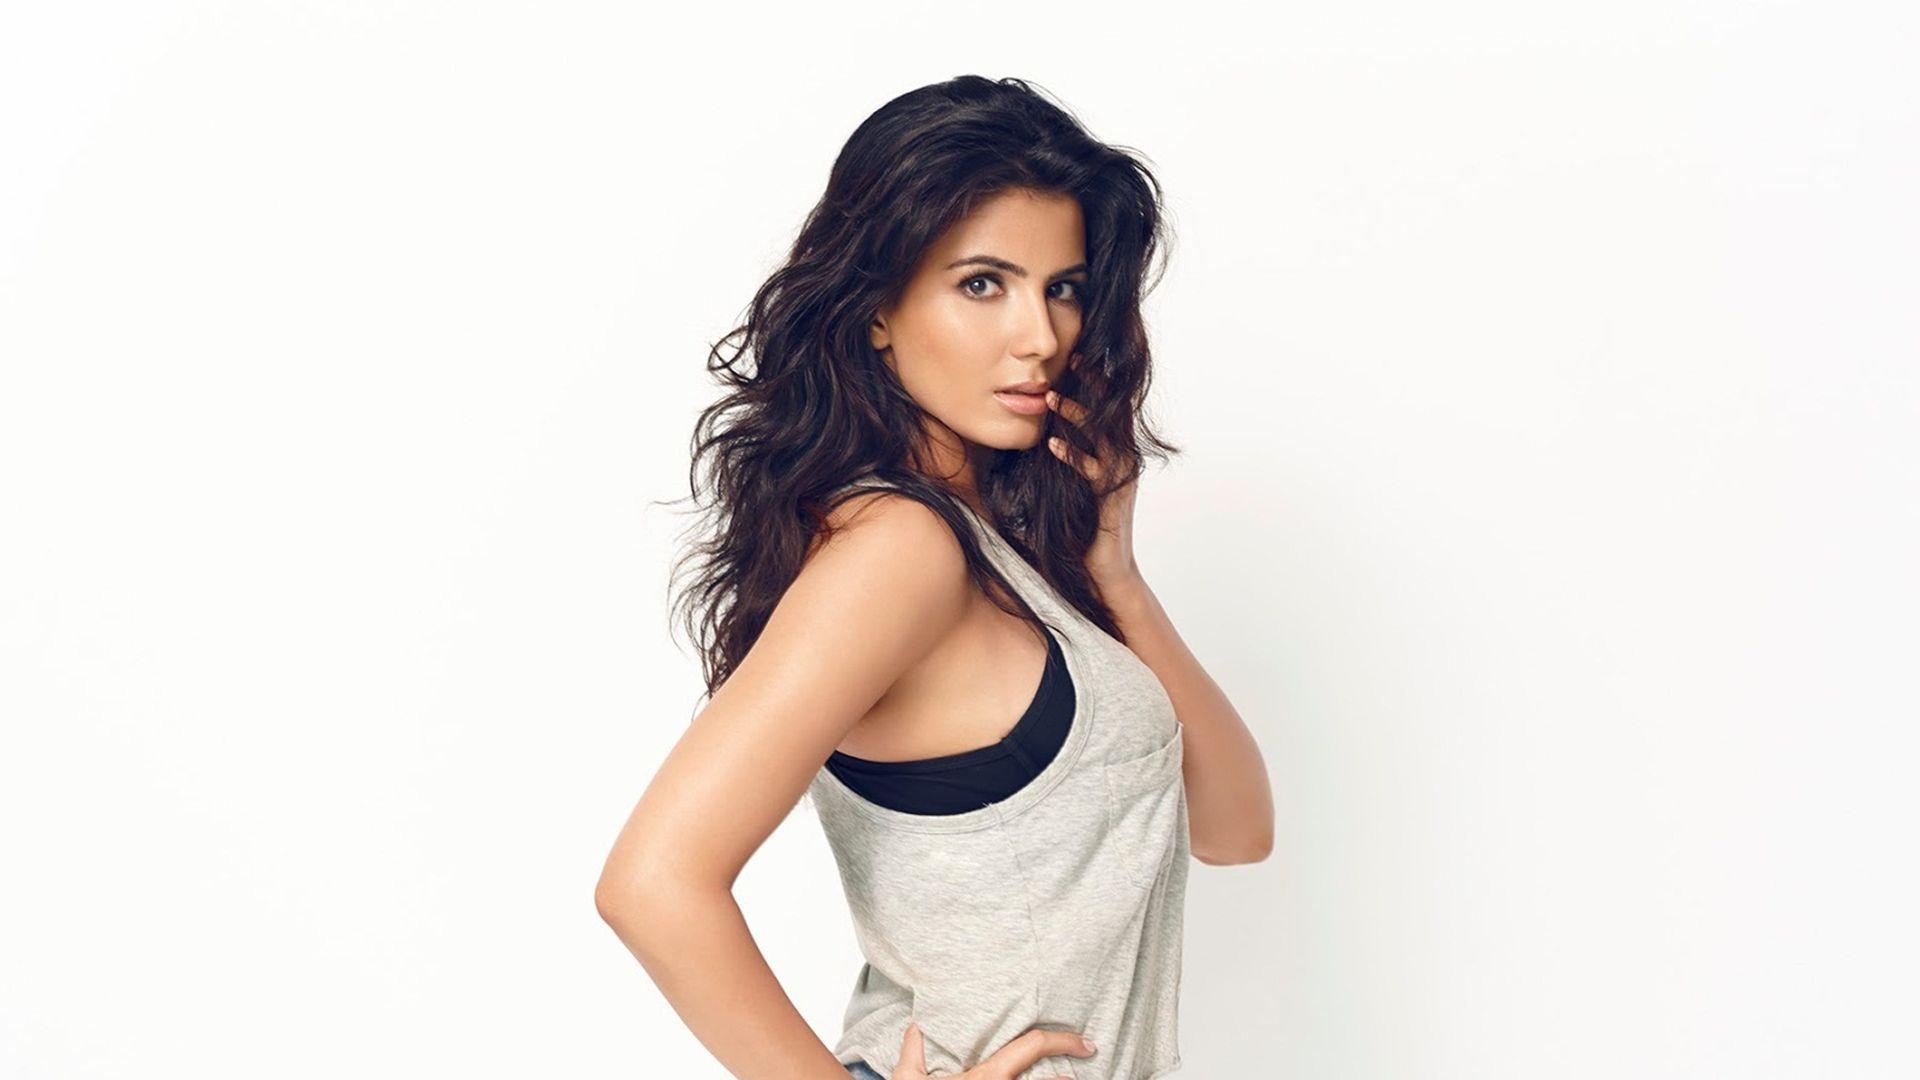 Wallpaper Kirti kulhari bollywood actress